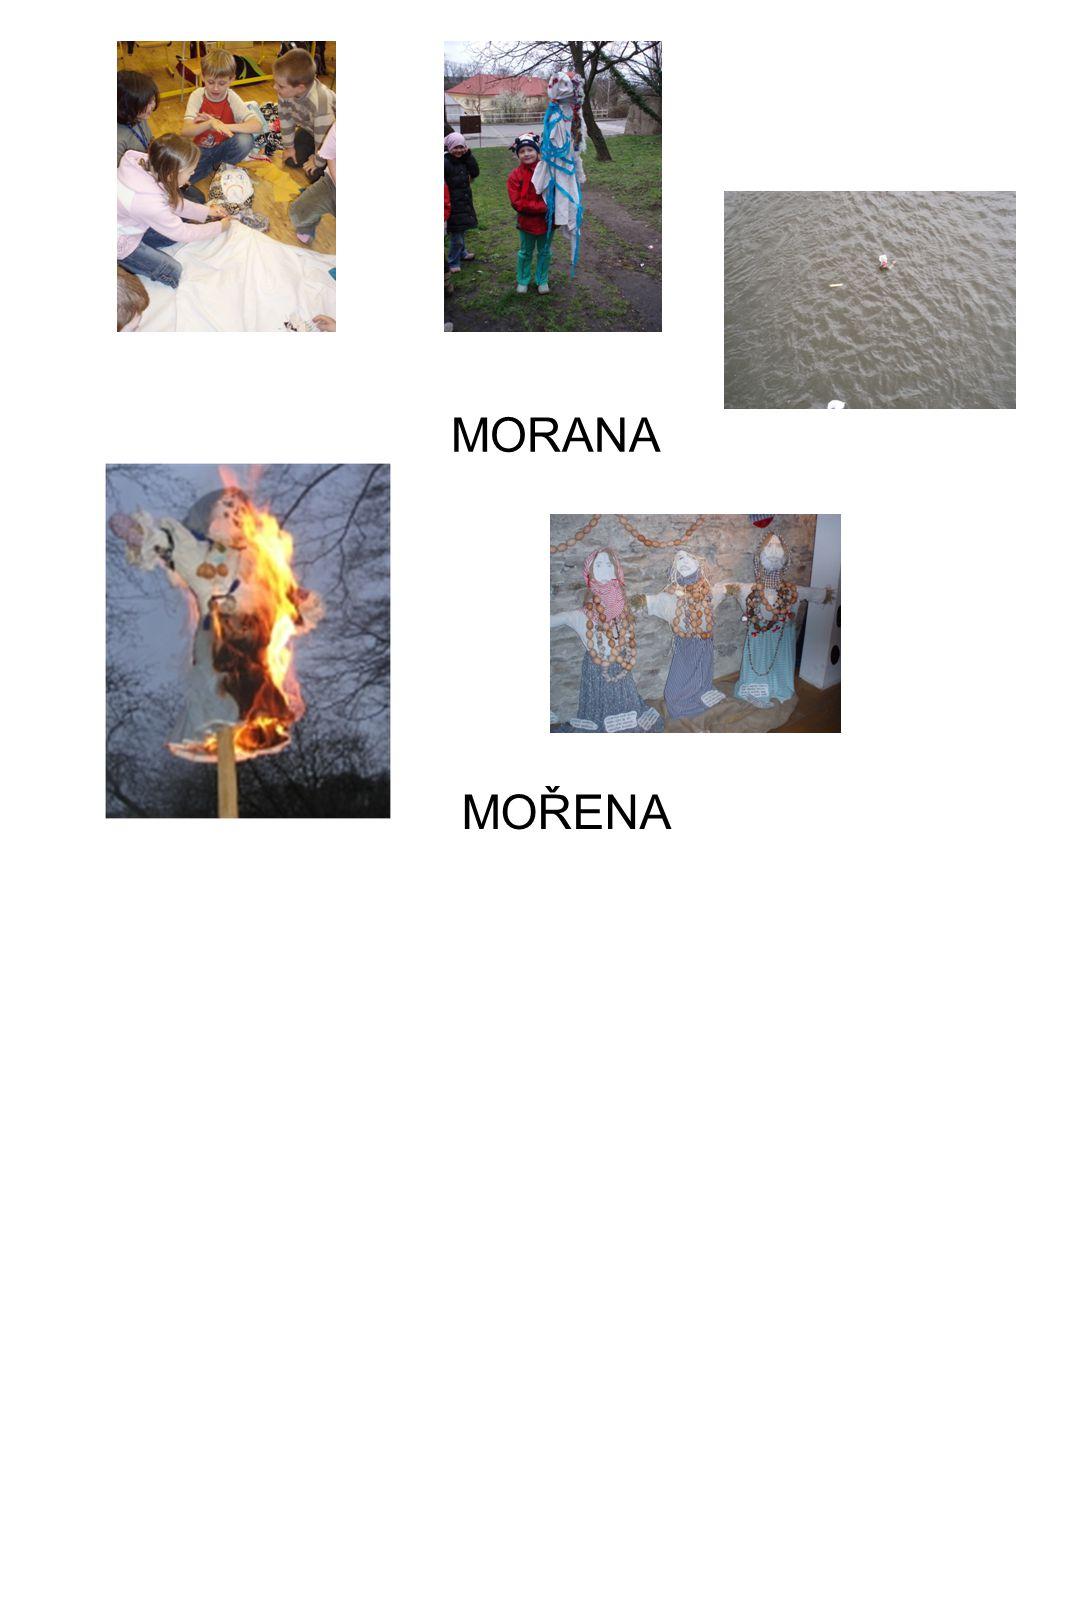 MOŘENA MORANA